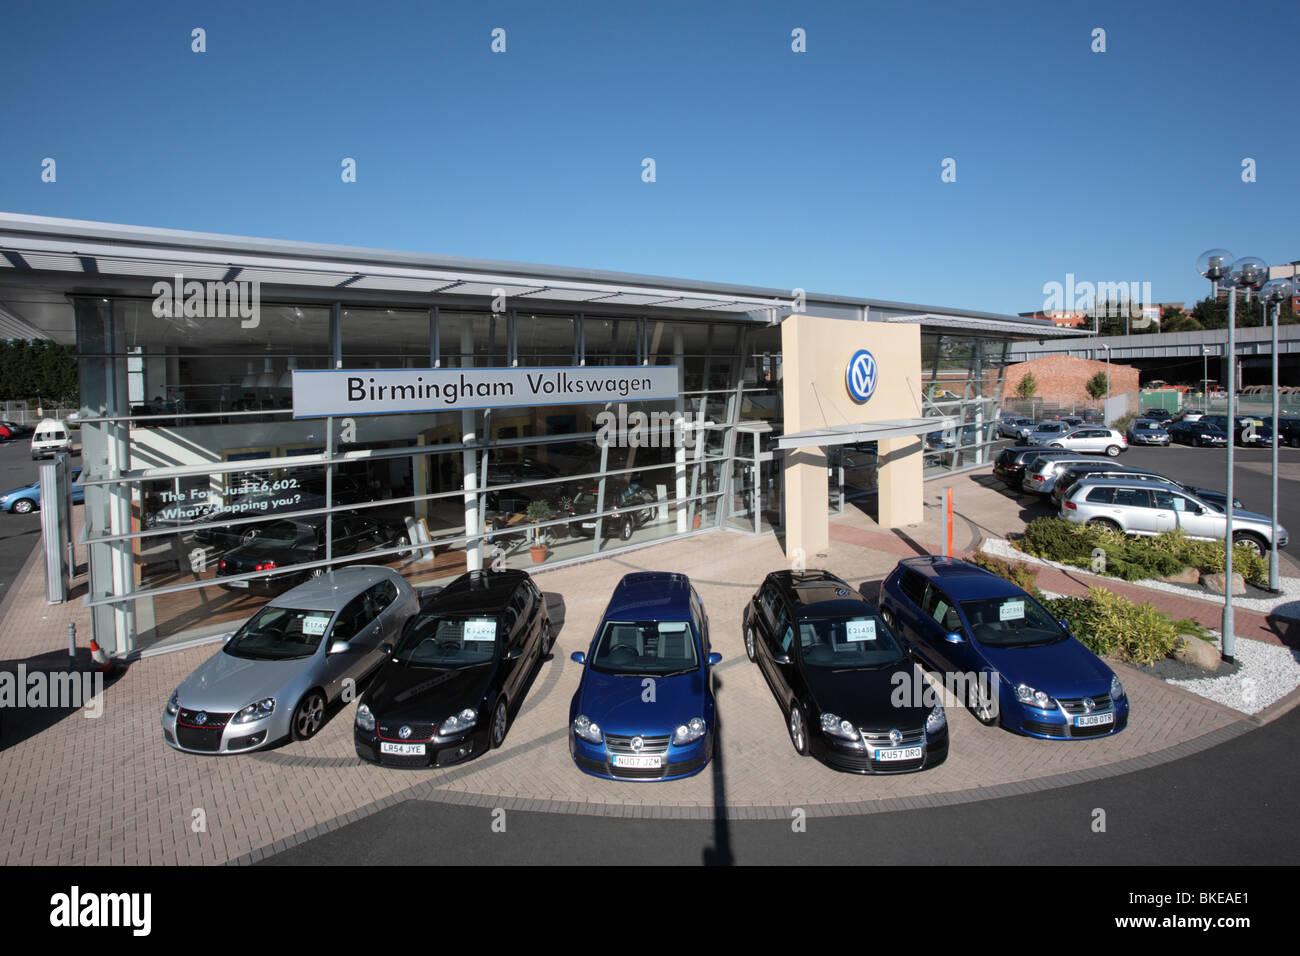 Volkswagen Volkswagon Vw Stock Photos Amp Volkswagen